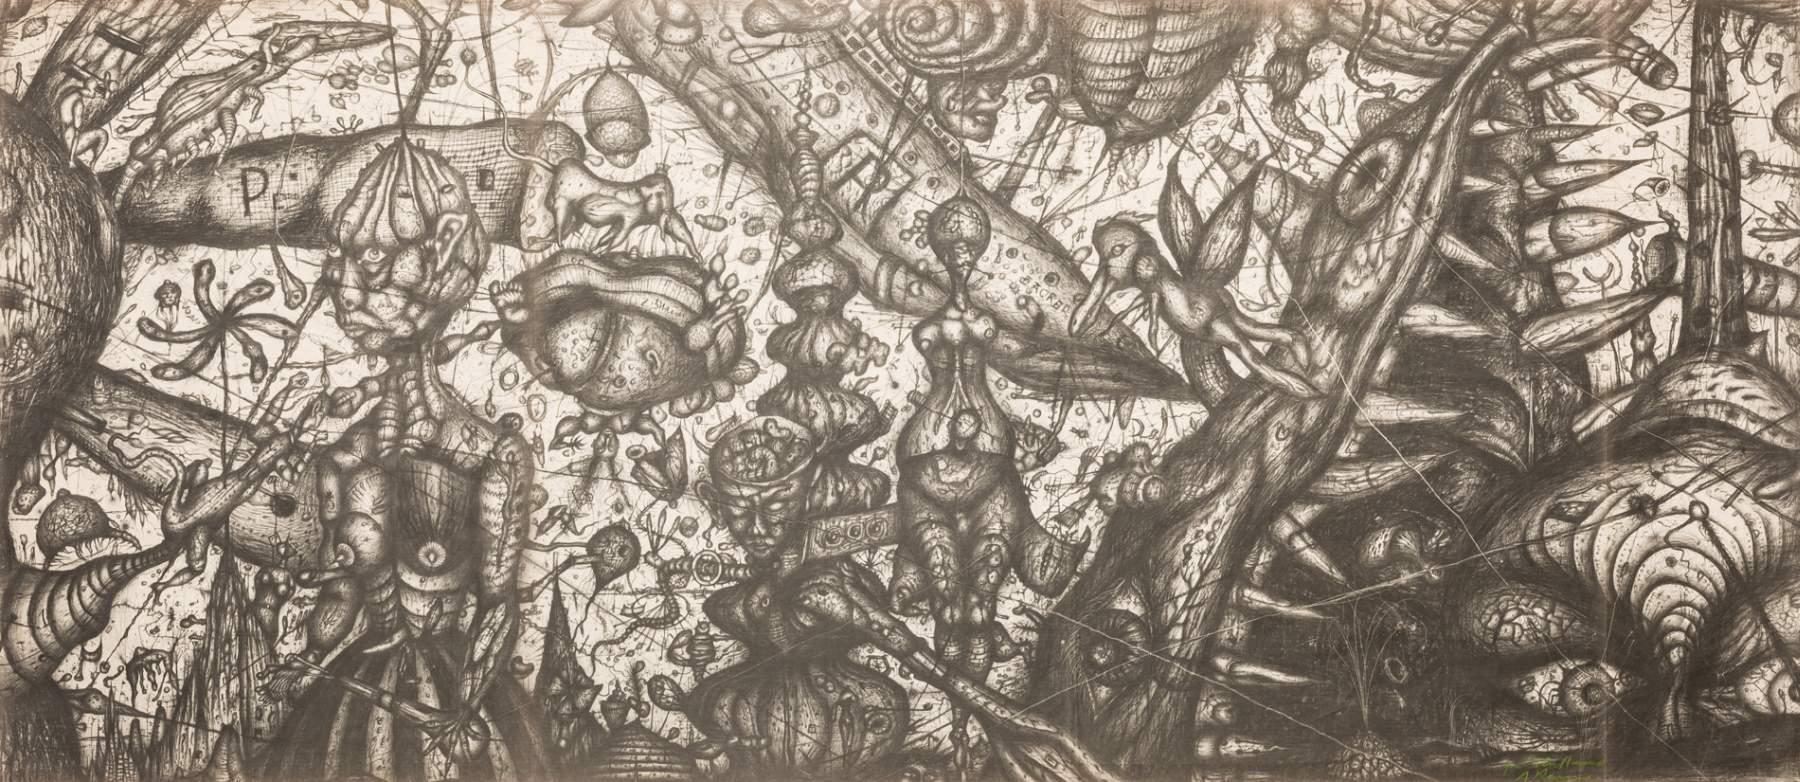 Arnulf Rainer * (Baden 1929 geb.)  Ozean! Ozean! Diazotypie auf Papier 100 x 229 cm 1950/51 rechts